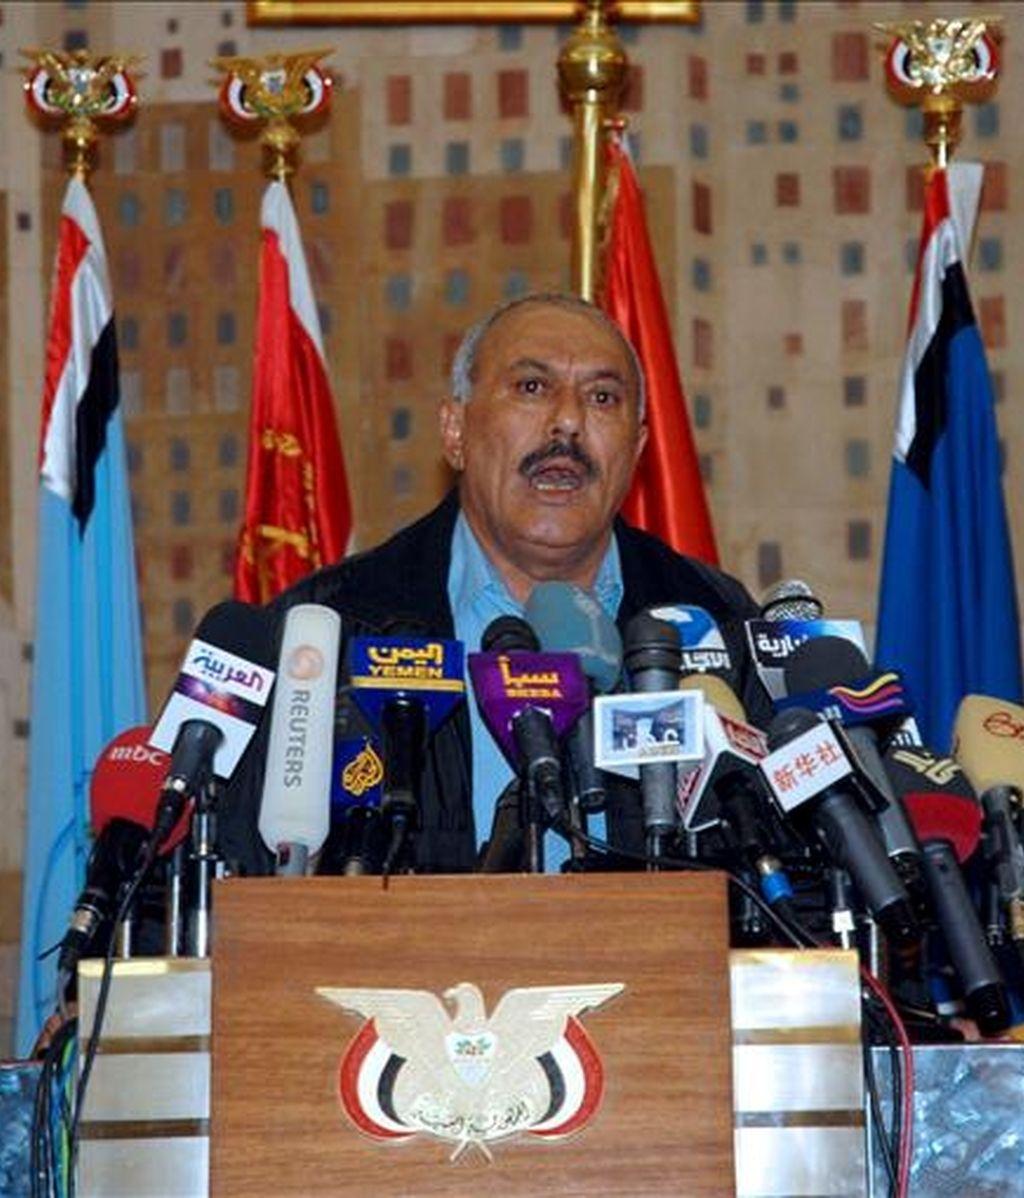 """En un comunicado, AI señala la existencia de un cable fechado en enero del 2010 en el que el presidente de Yemen, Ali Abdullah Saleh, supuestamente asegura al general estadounidense David Petraeus que su Gobierno """"continuará diciendo que las bombas son nuestras, no vuestras"""". En la imagen, el presidente yemení, Ali Abdullah Saleh. EFE/Archivo"""